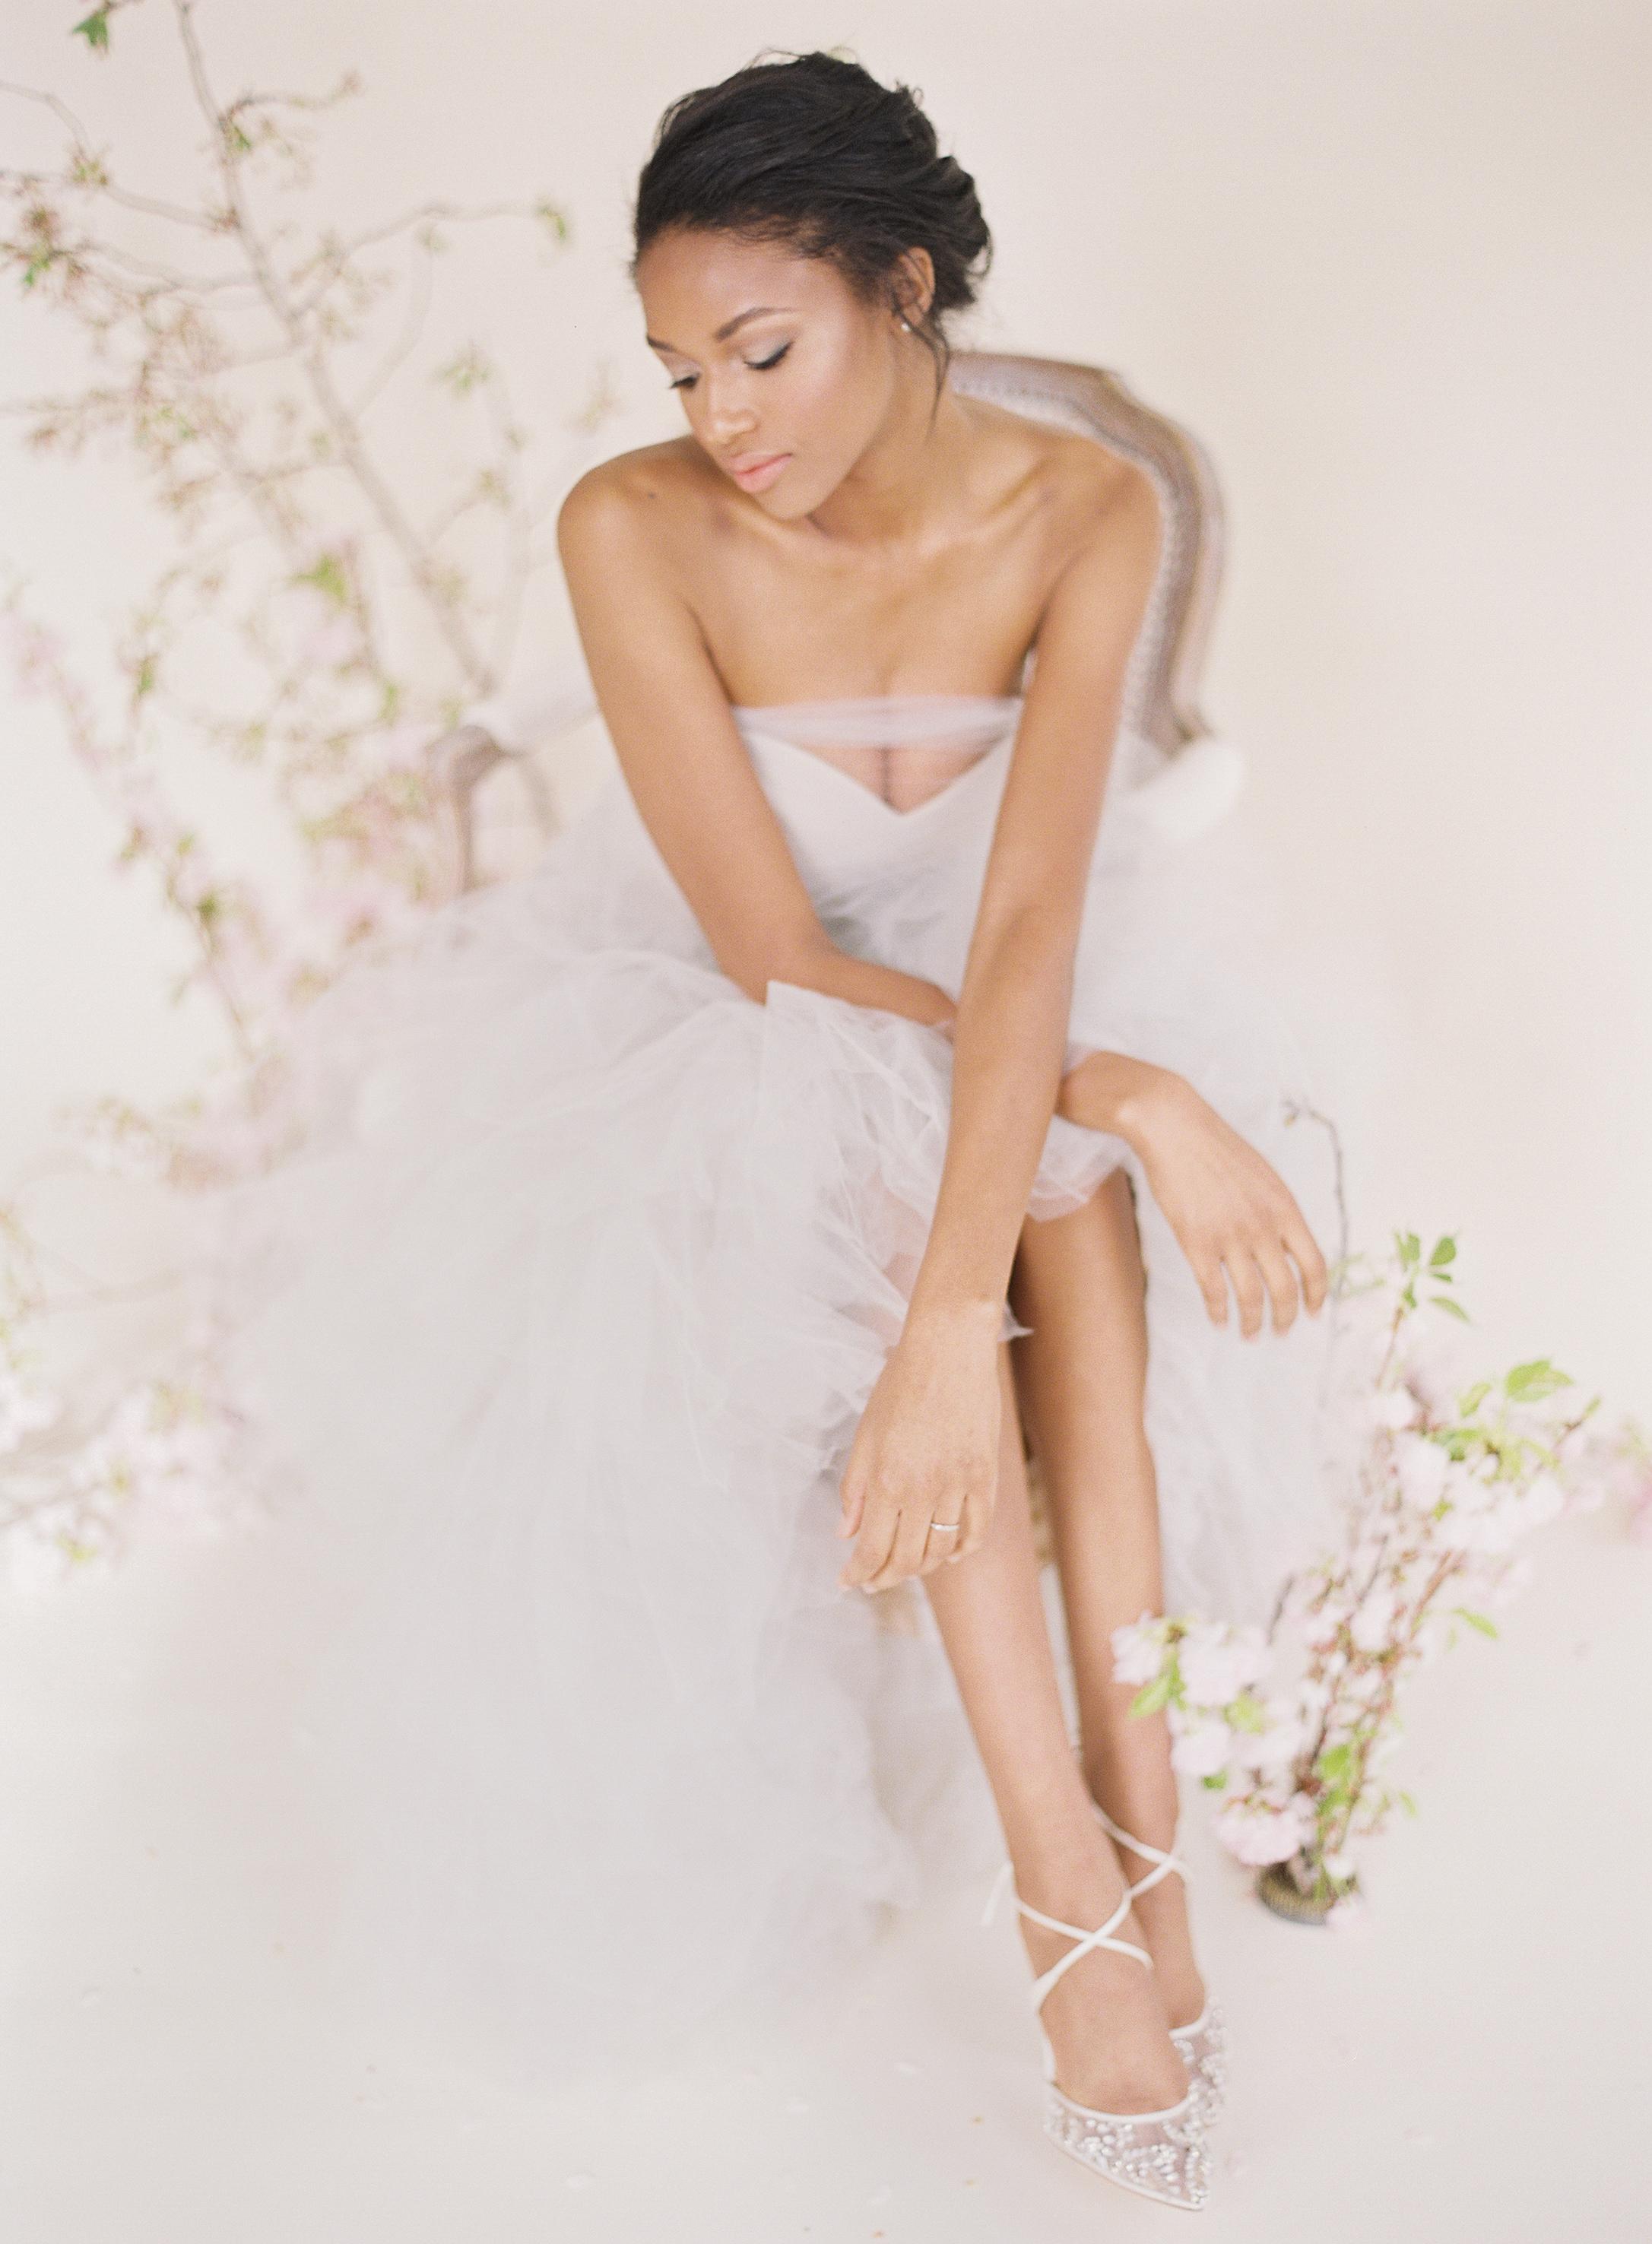 CherryBlossom-058-AngelaNewtonRoyPhotography.jpg